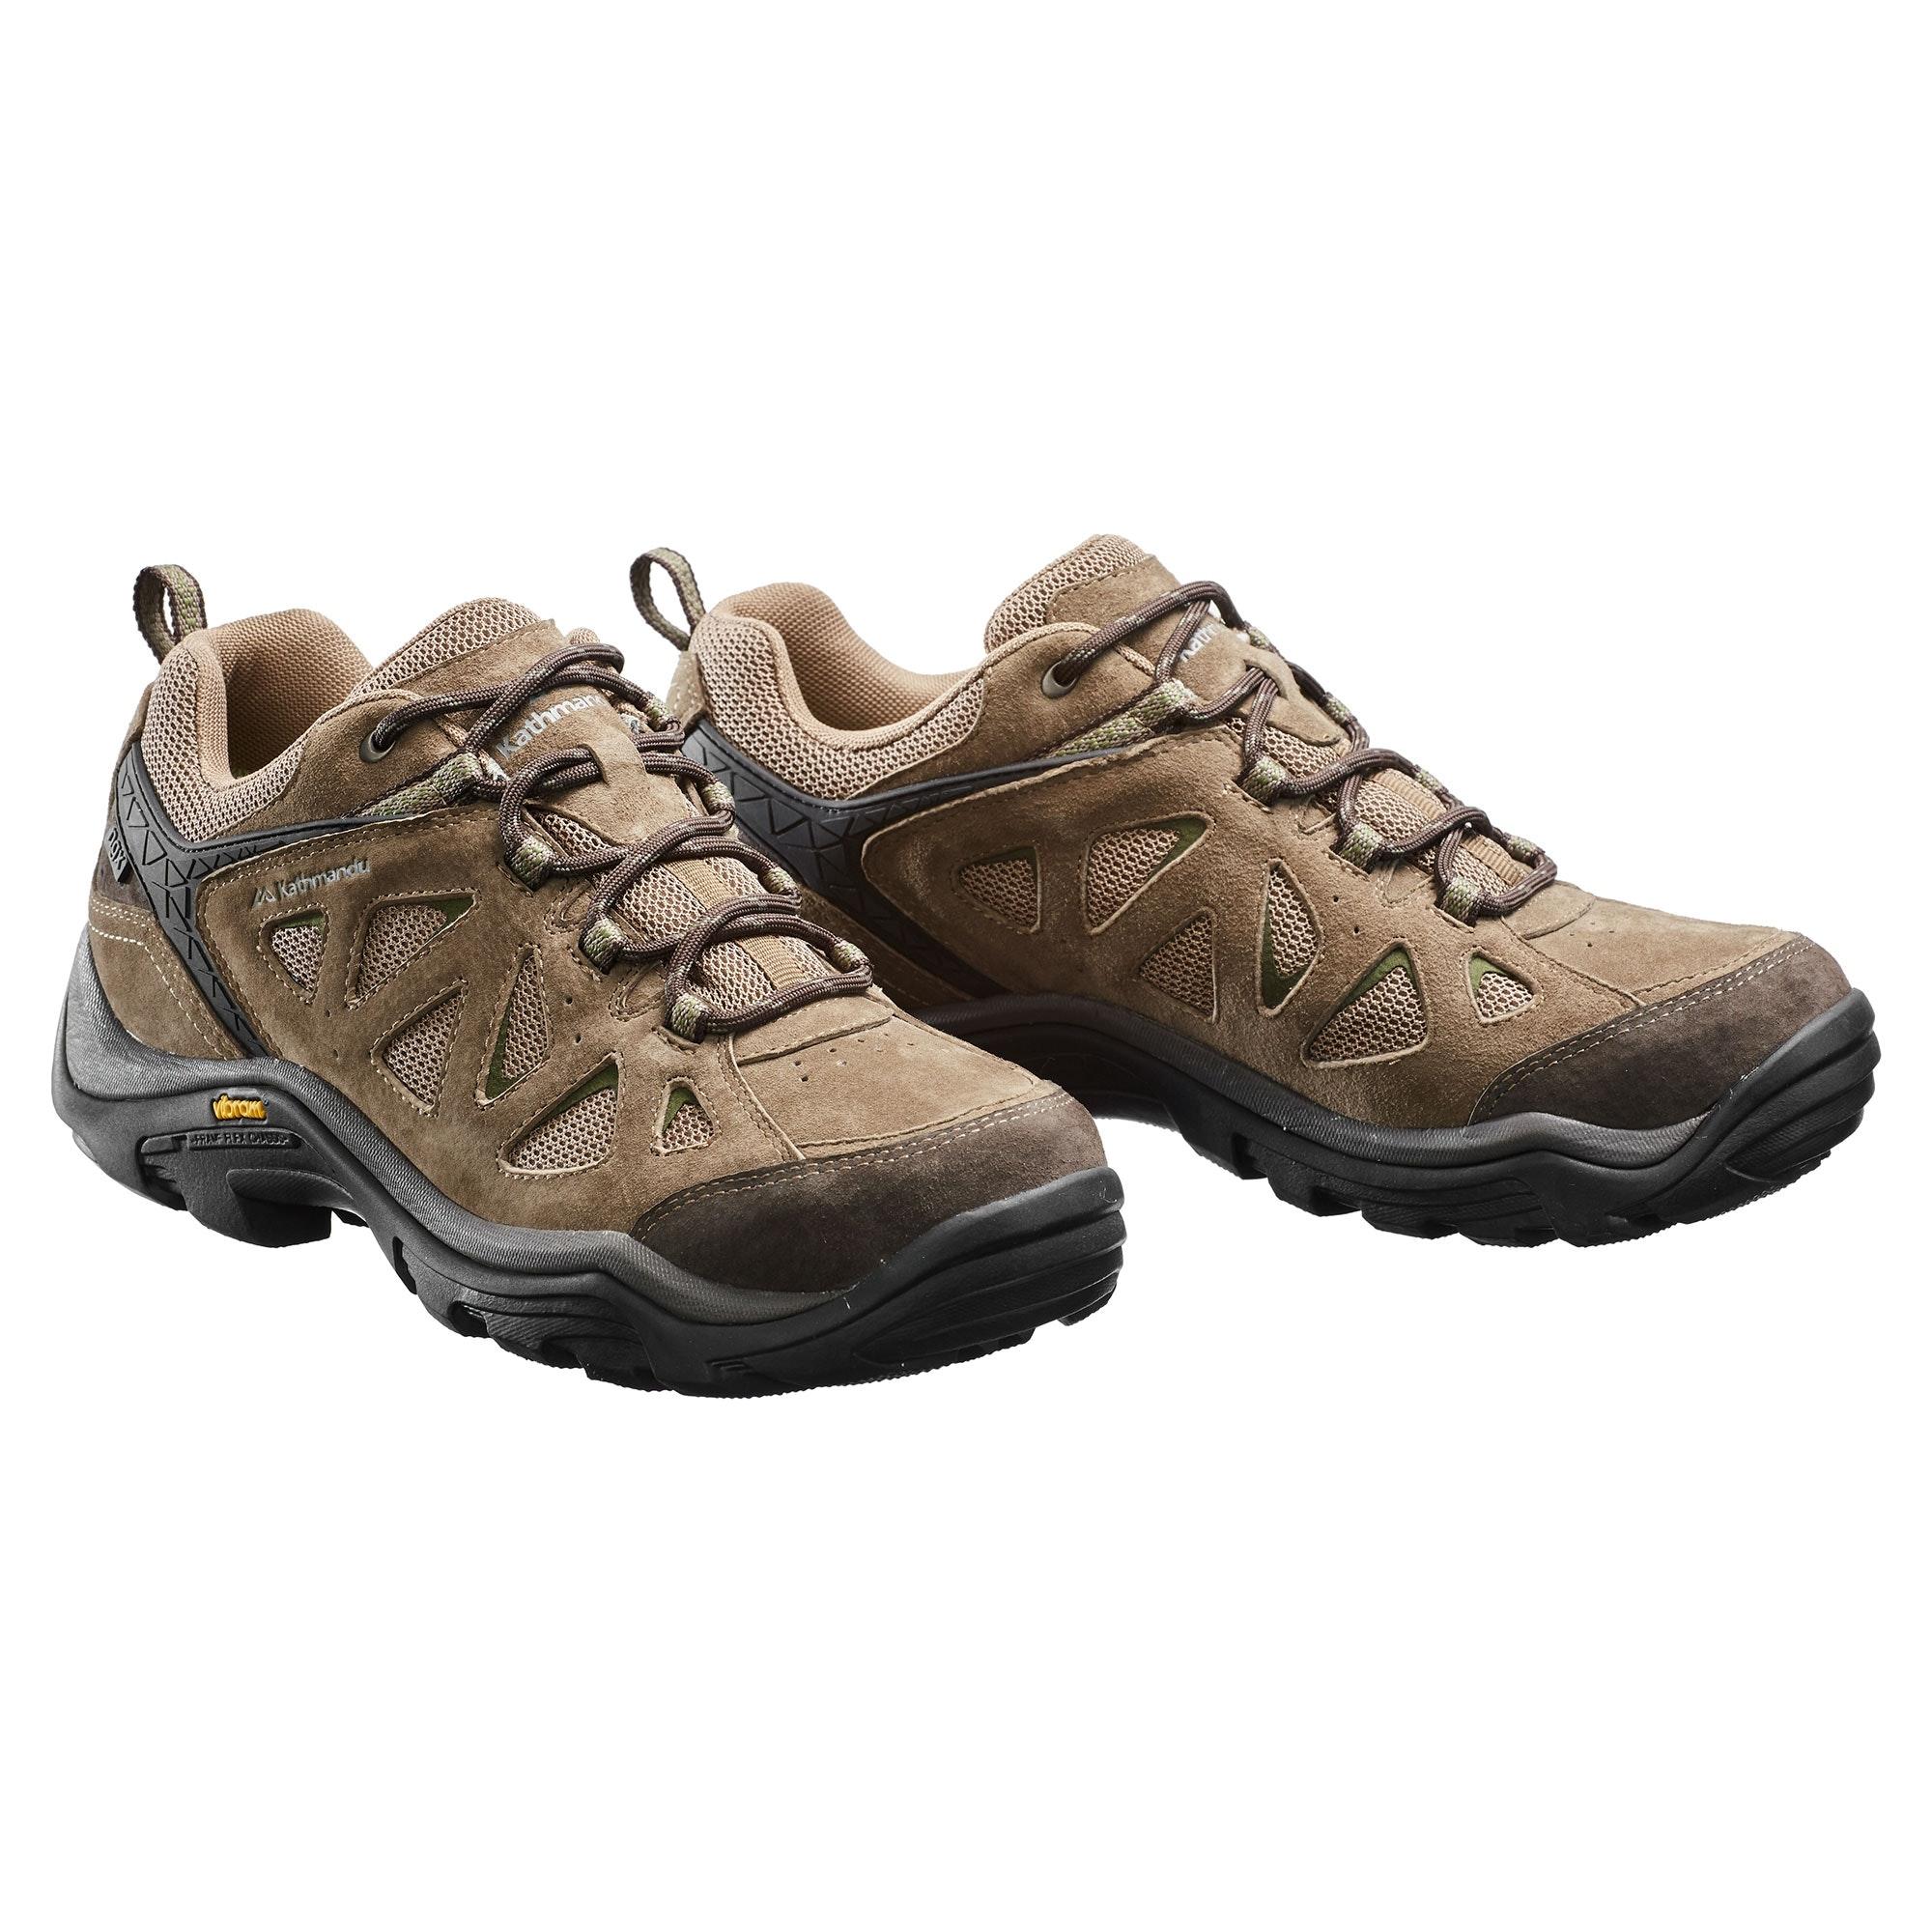 NEW-Kathmandu-Sandover-Men-ngx-Hiking-Shoes-Waterproof-Breathable-Liner-Vibram thumbnail 10